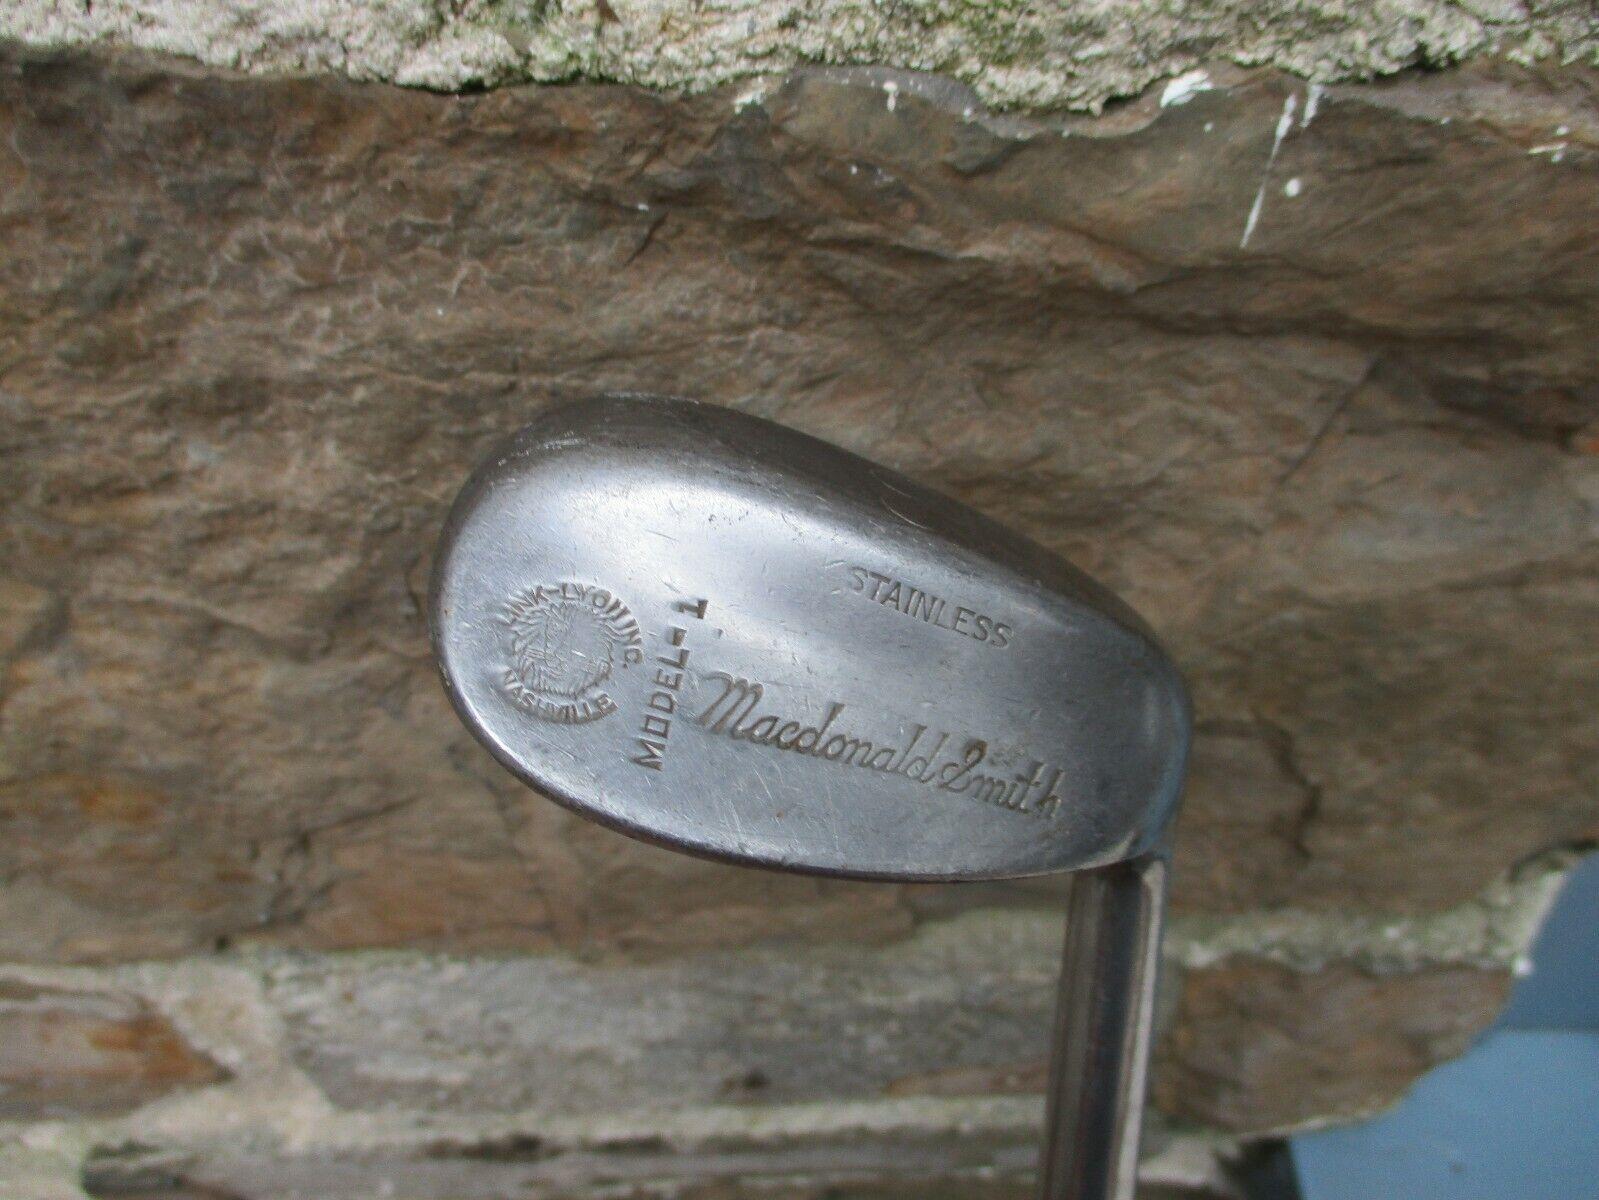 Diestro MacDonald Smith  Link-Lyon hoyuelo Cochea modelo - 1 99 Agarre de cuña de cuero  ganancia cero